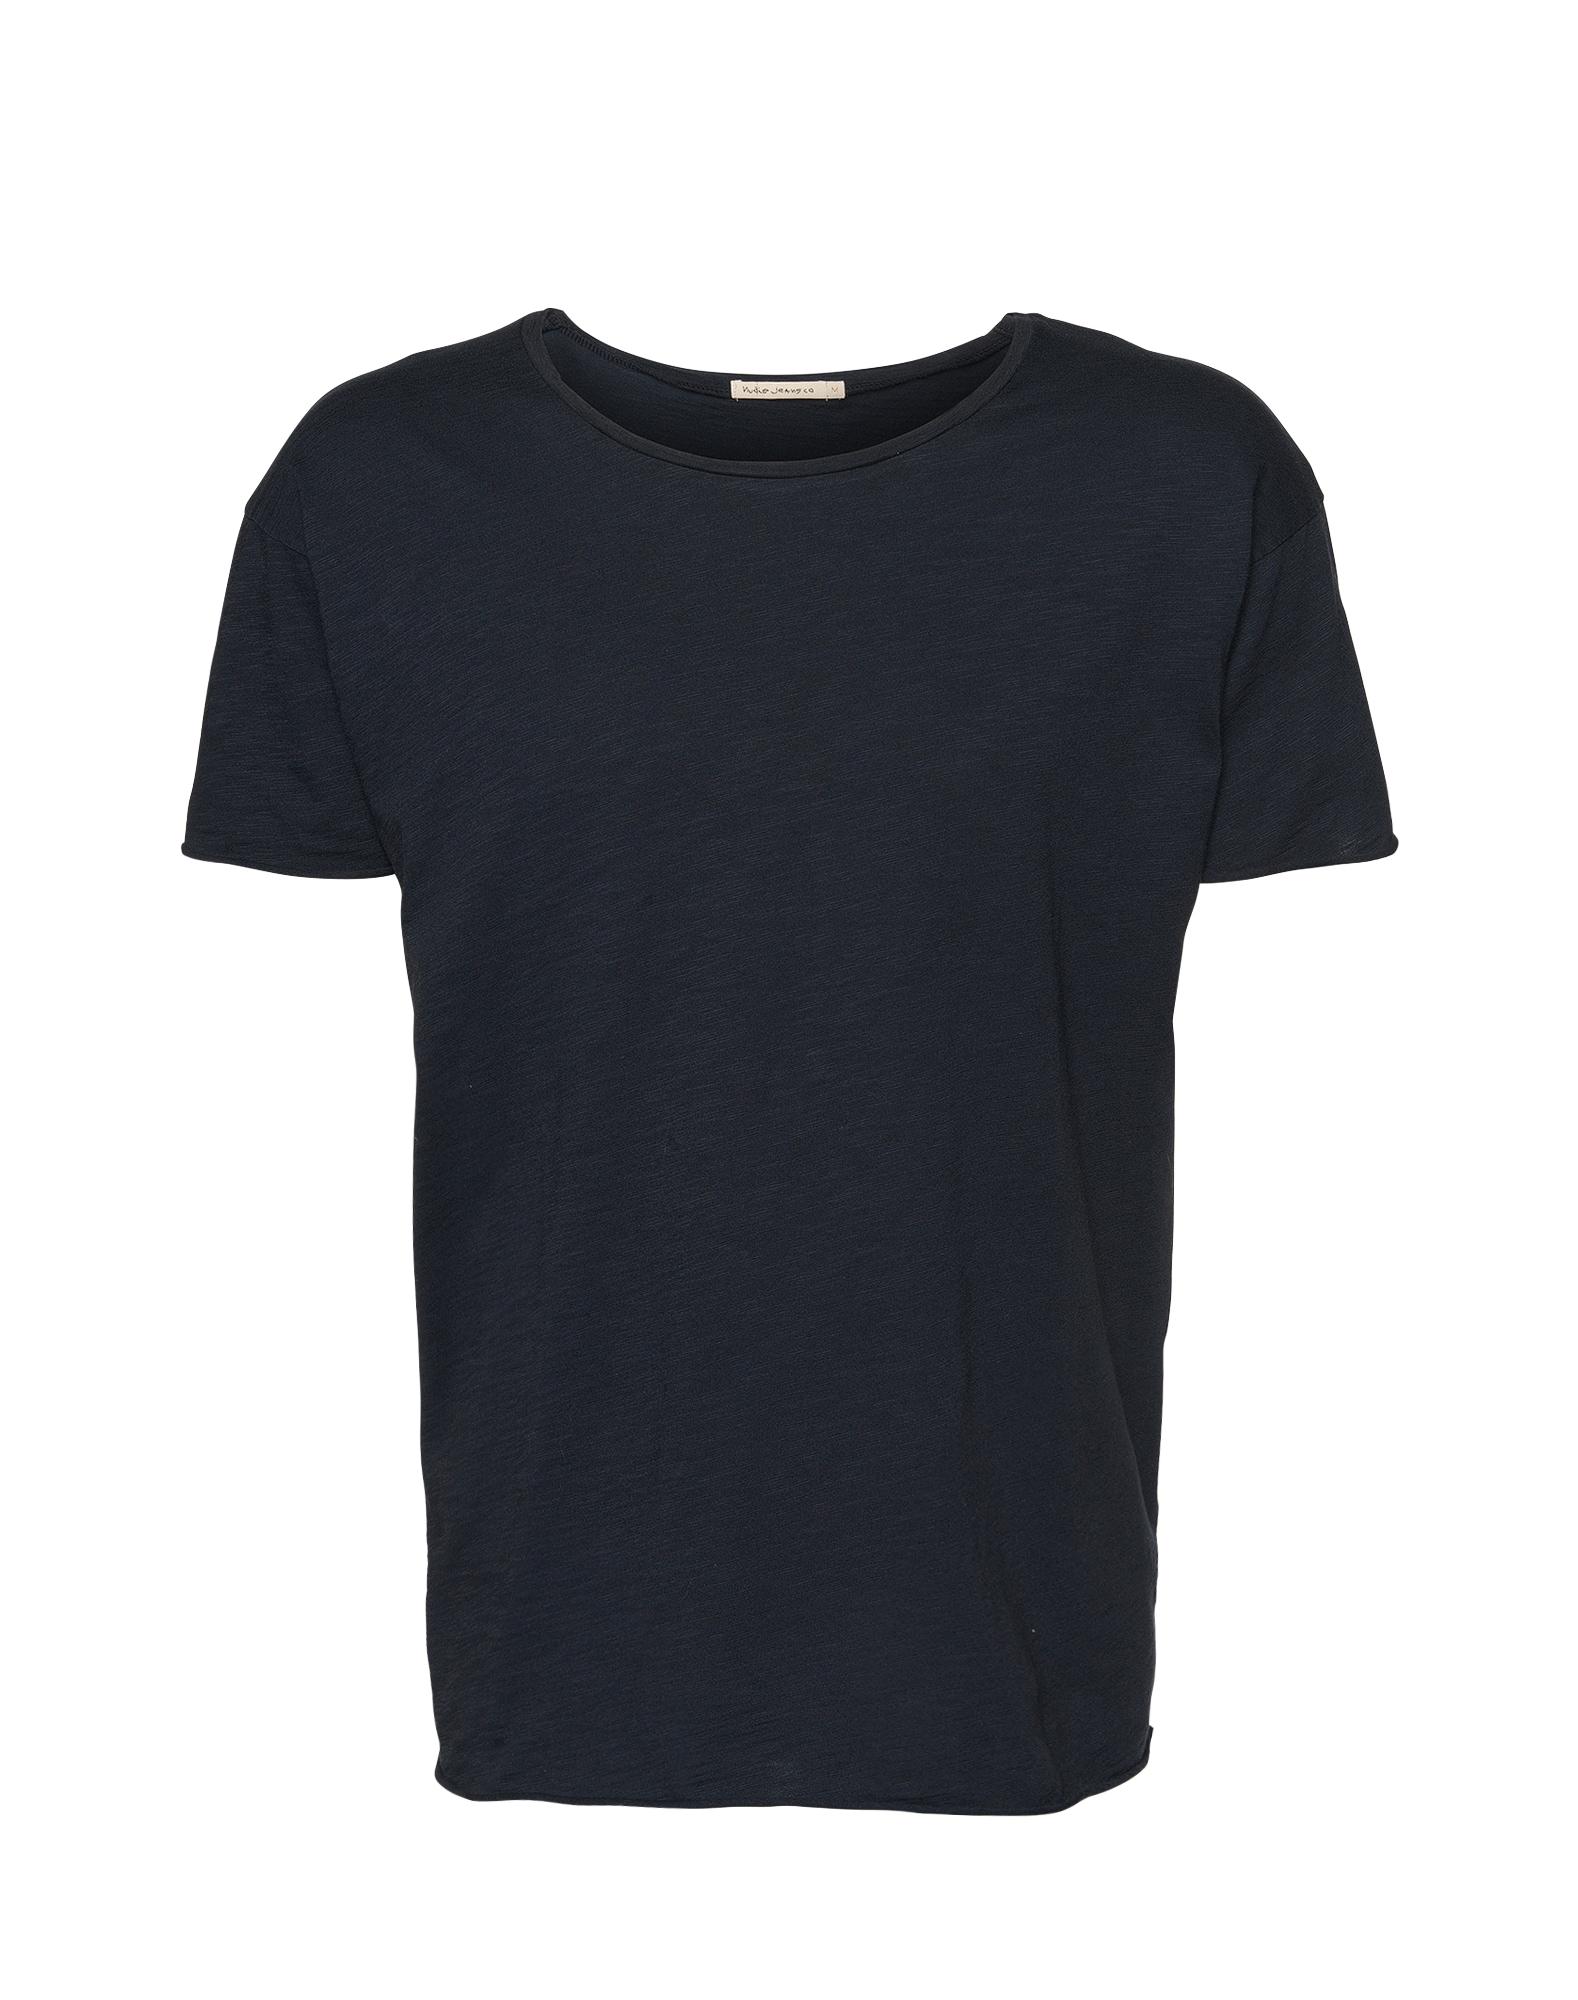 Tričko Roger Slub námořnická modř Nudie Jeans Co